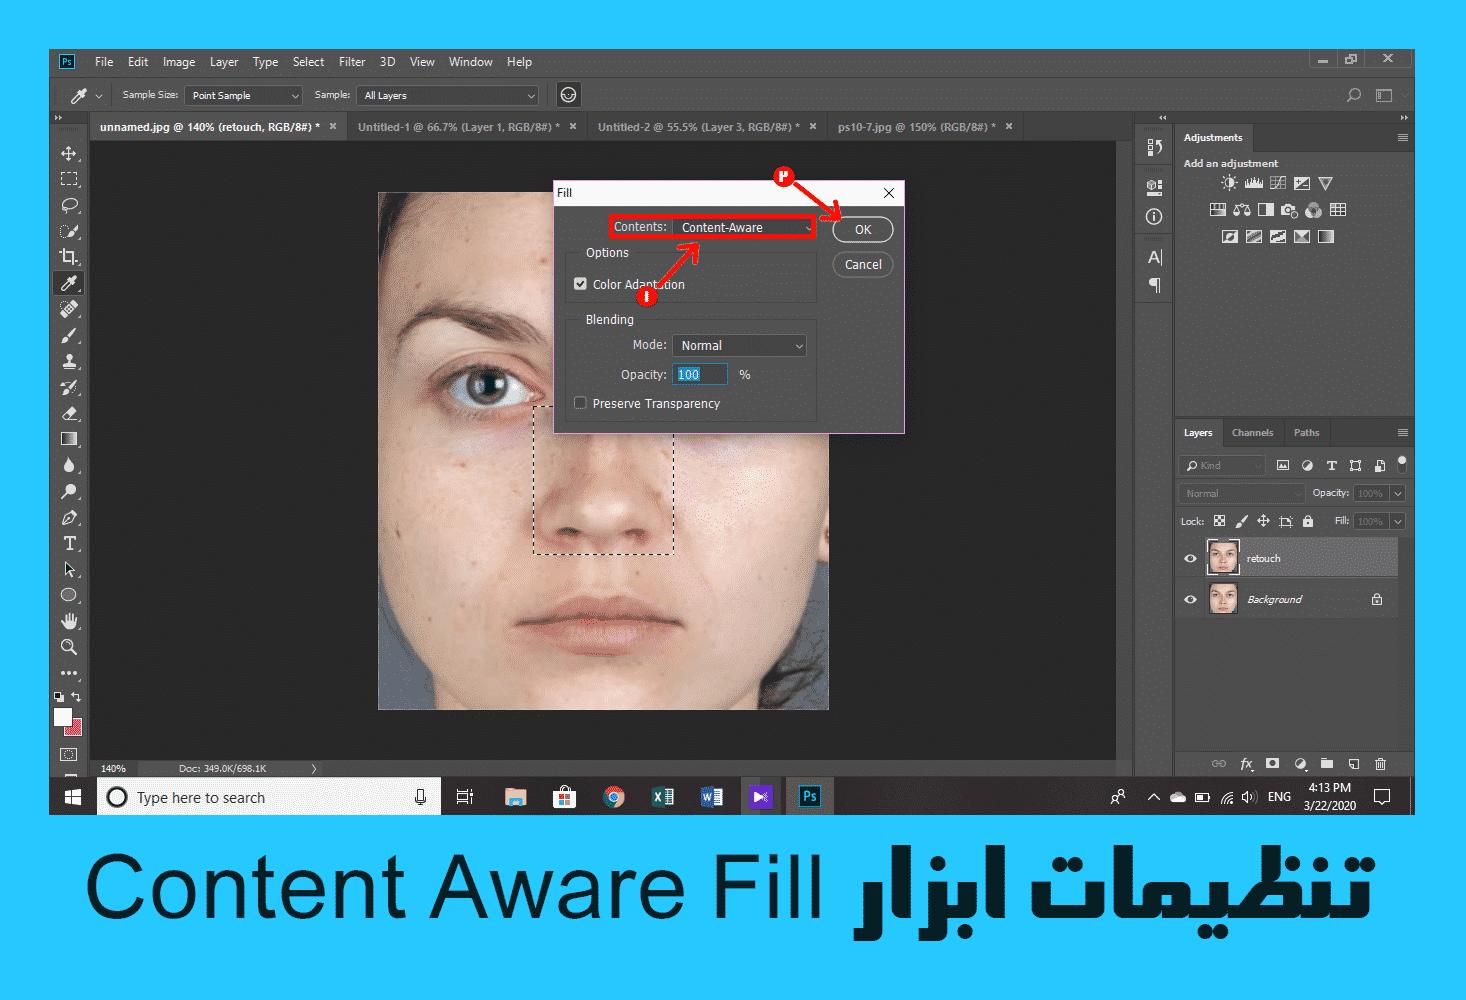 تنظیمات ابزار Content Aware Fill به عنوان بهترین ابزار روتوش عکس در فتوشاپ